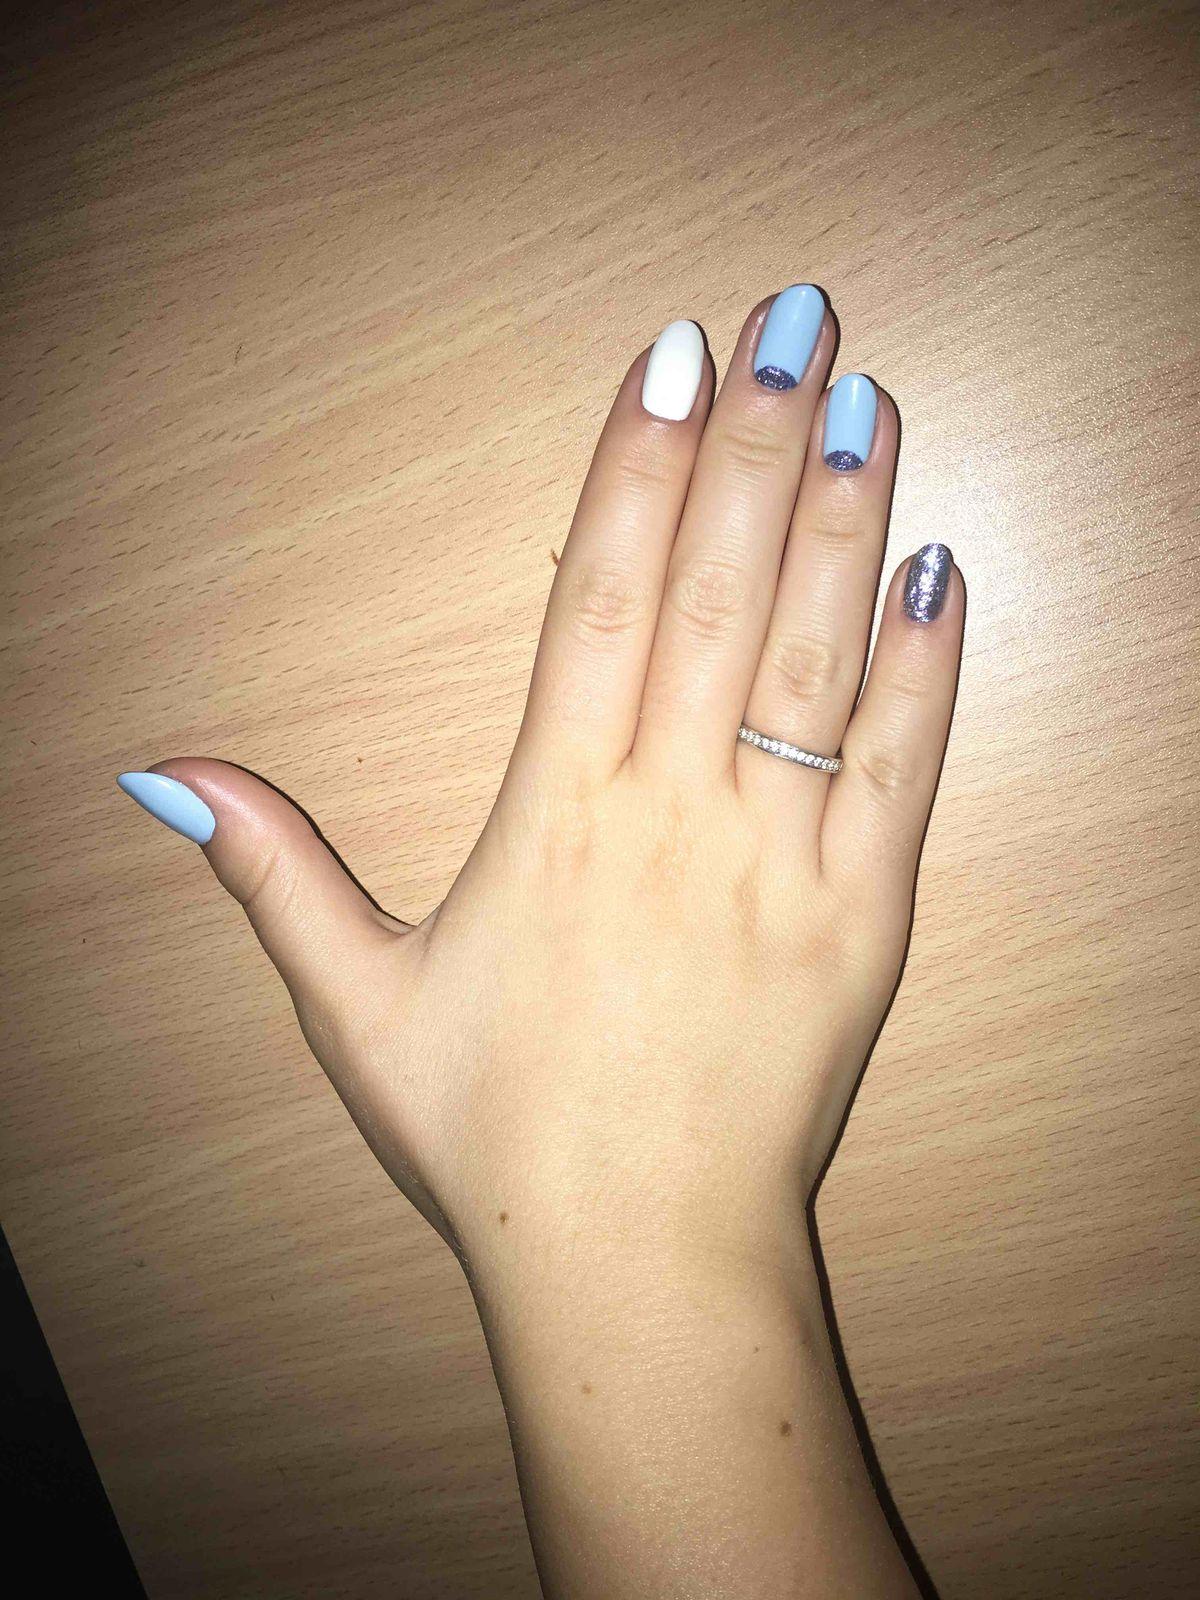 Отличное кольцо за невысокую цену)